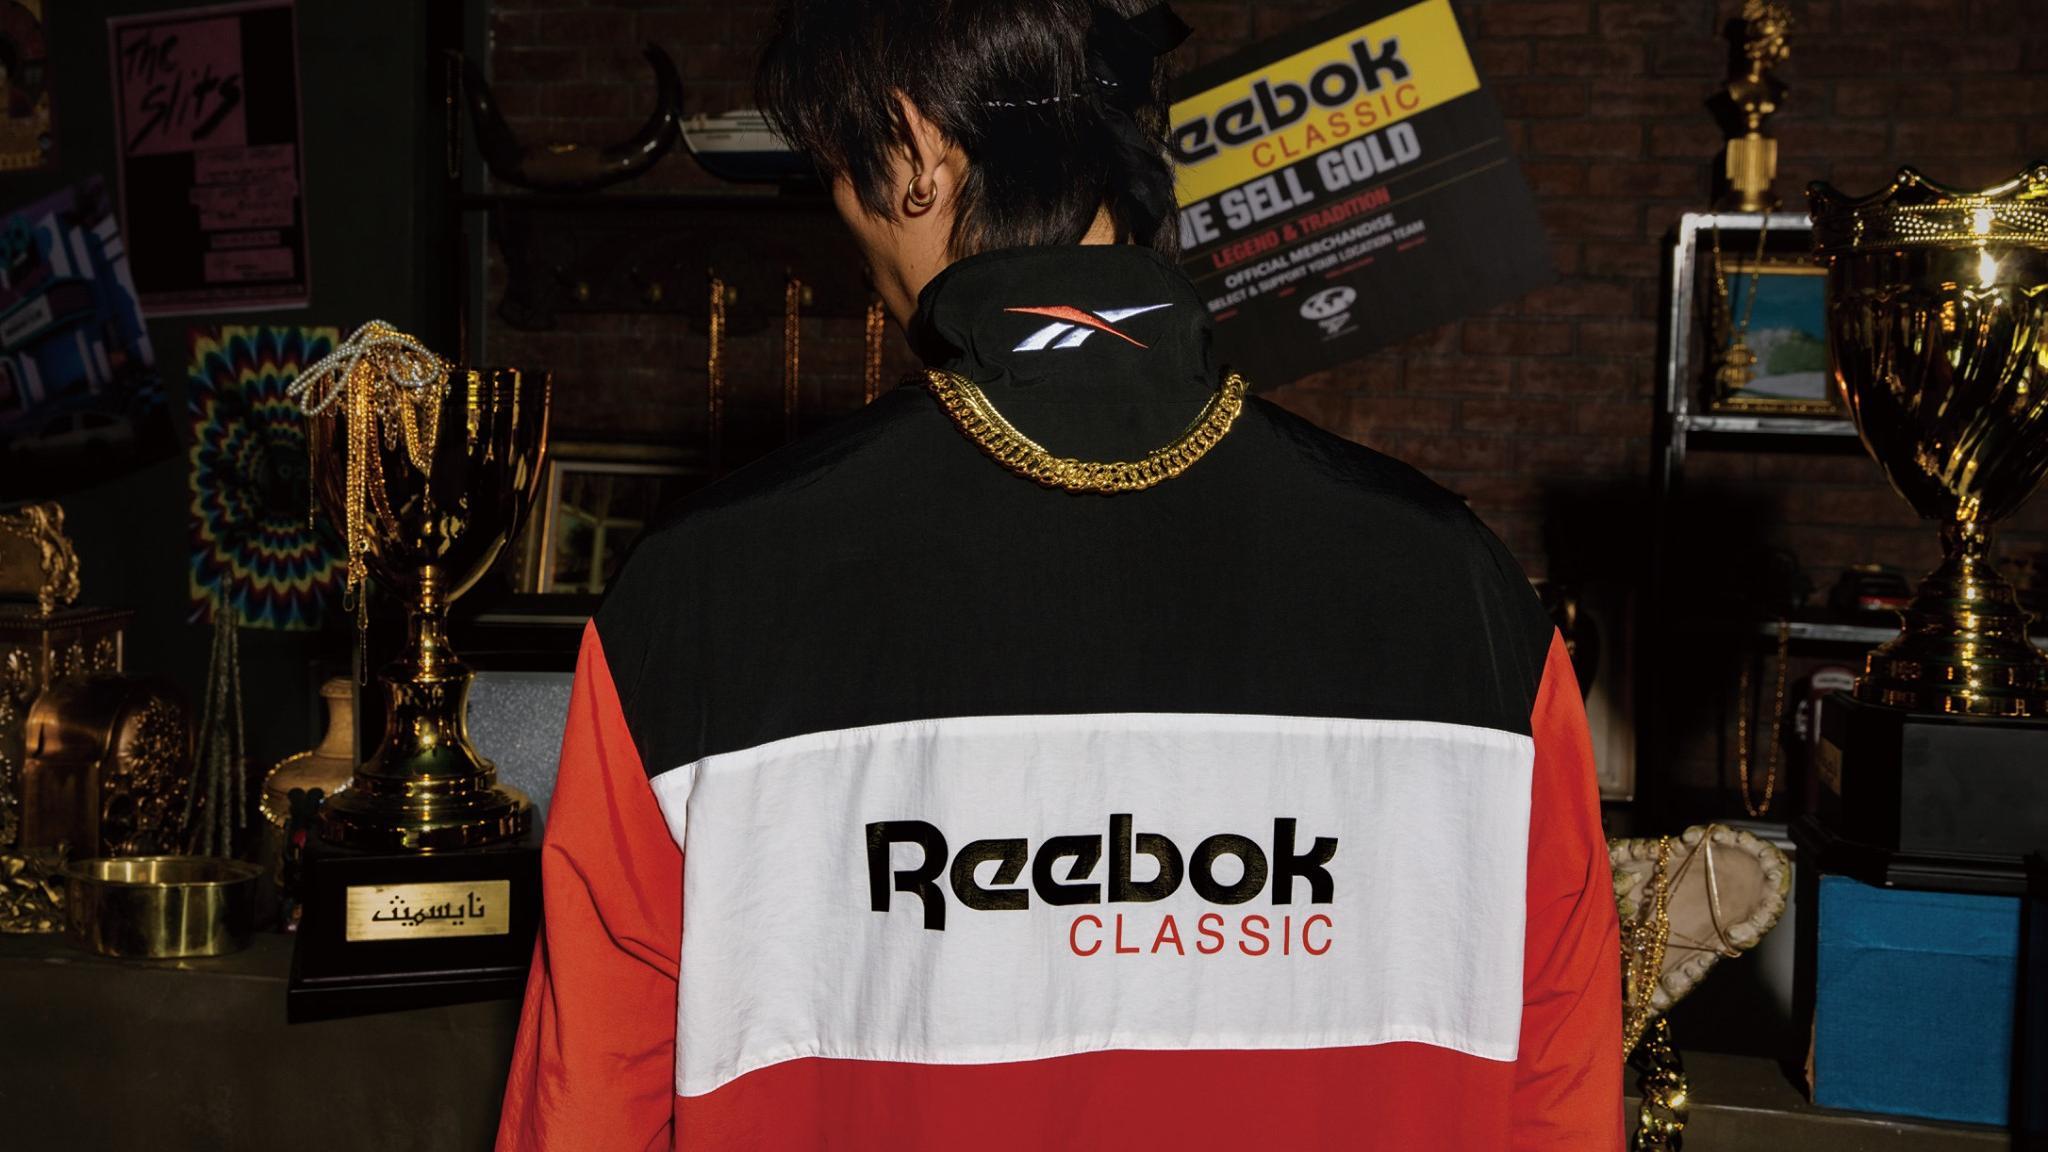 独创金典 Reebok Selling Gold 创造嘻哈与涂鸦爆炸的黄金时代